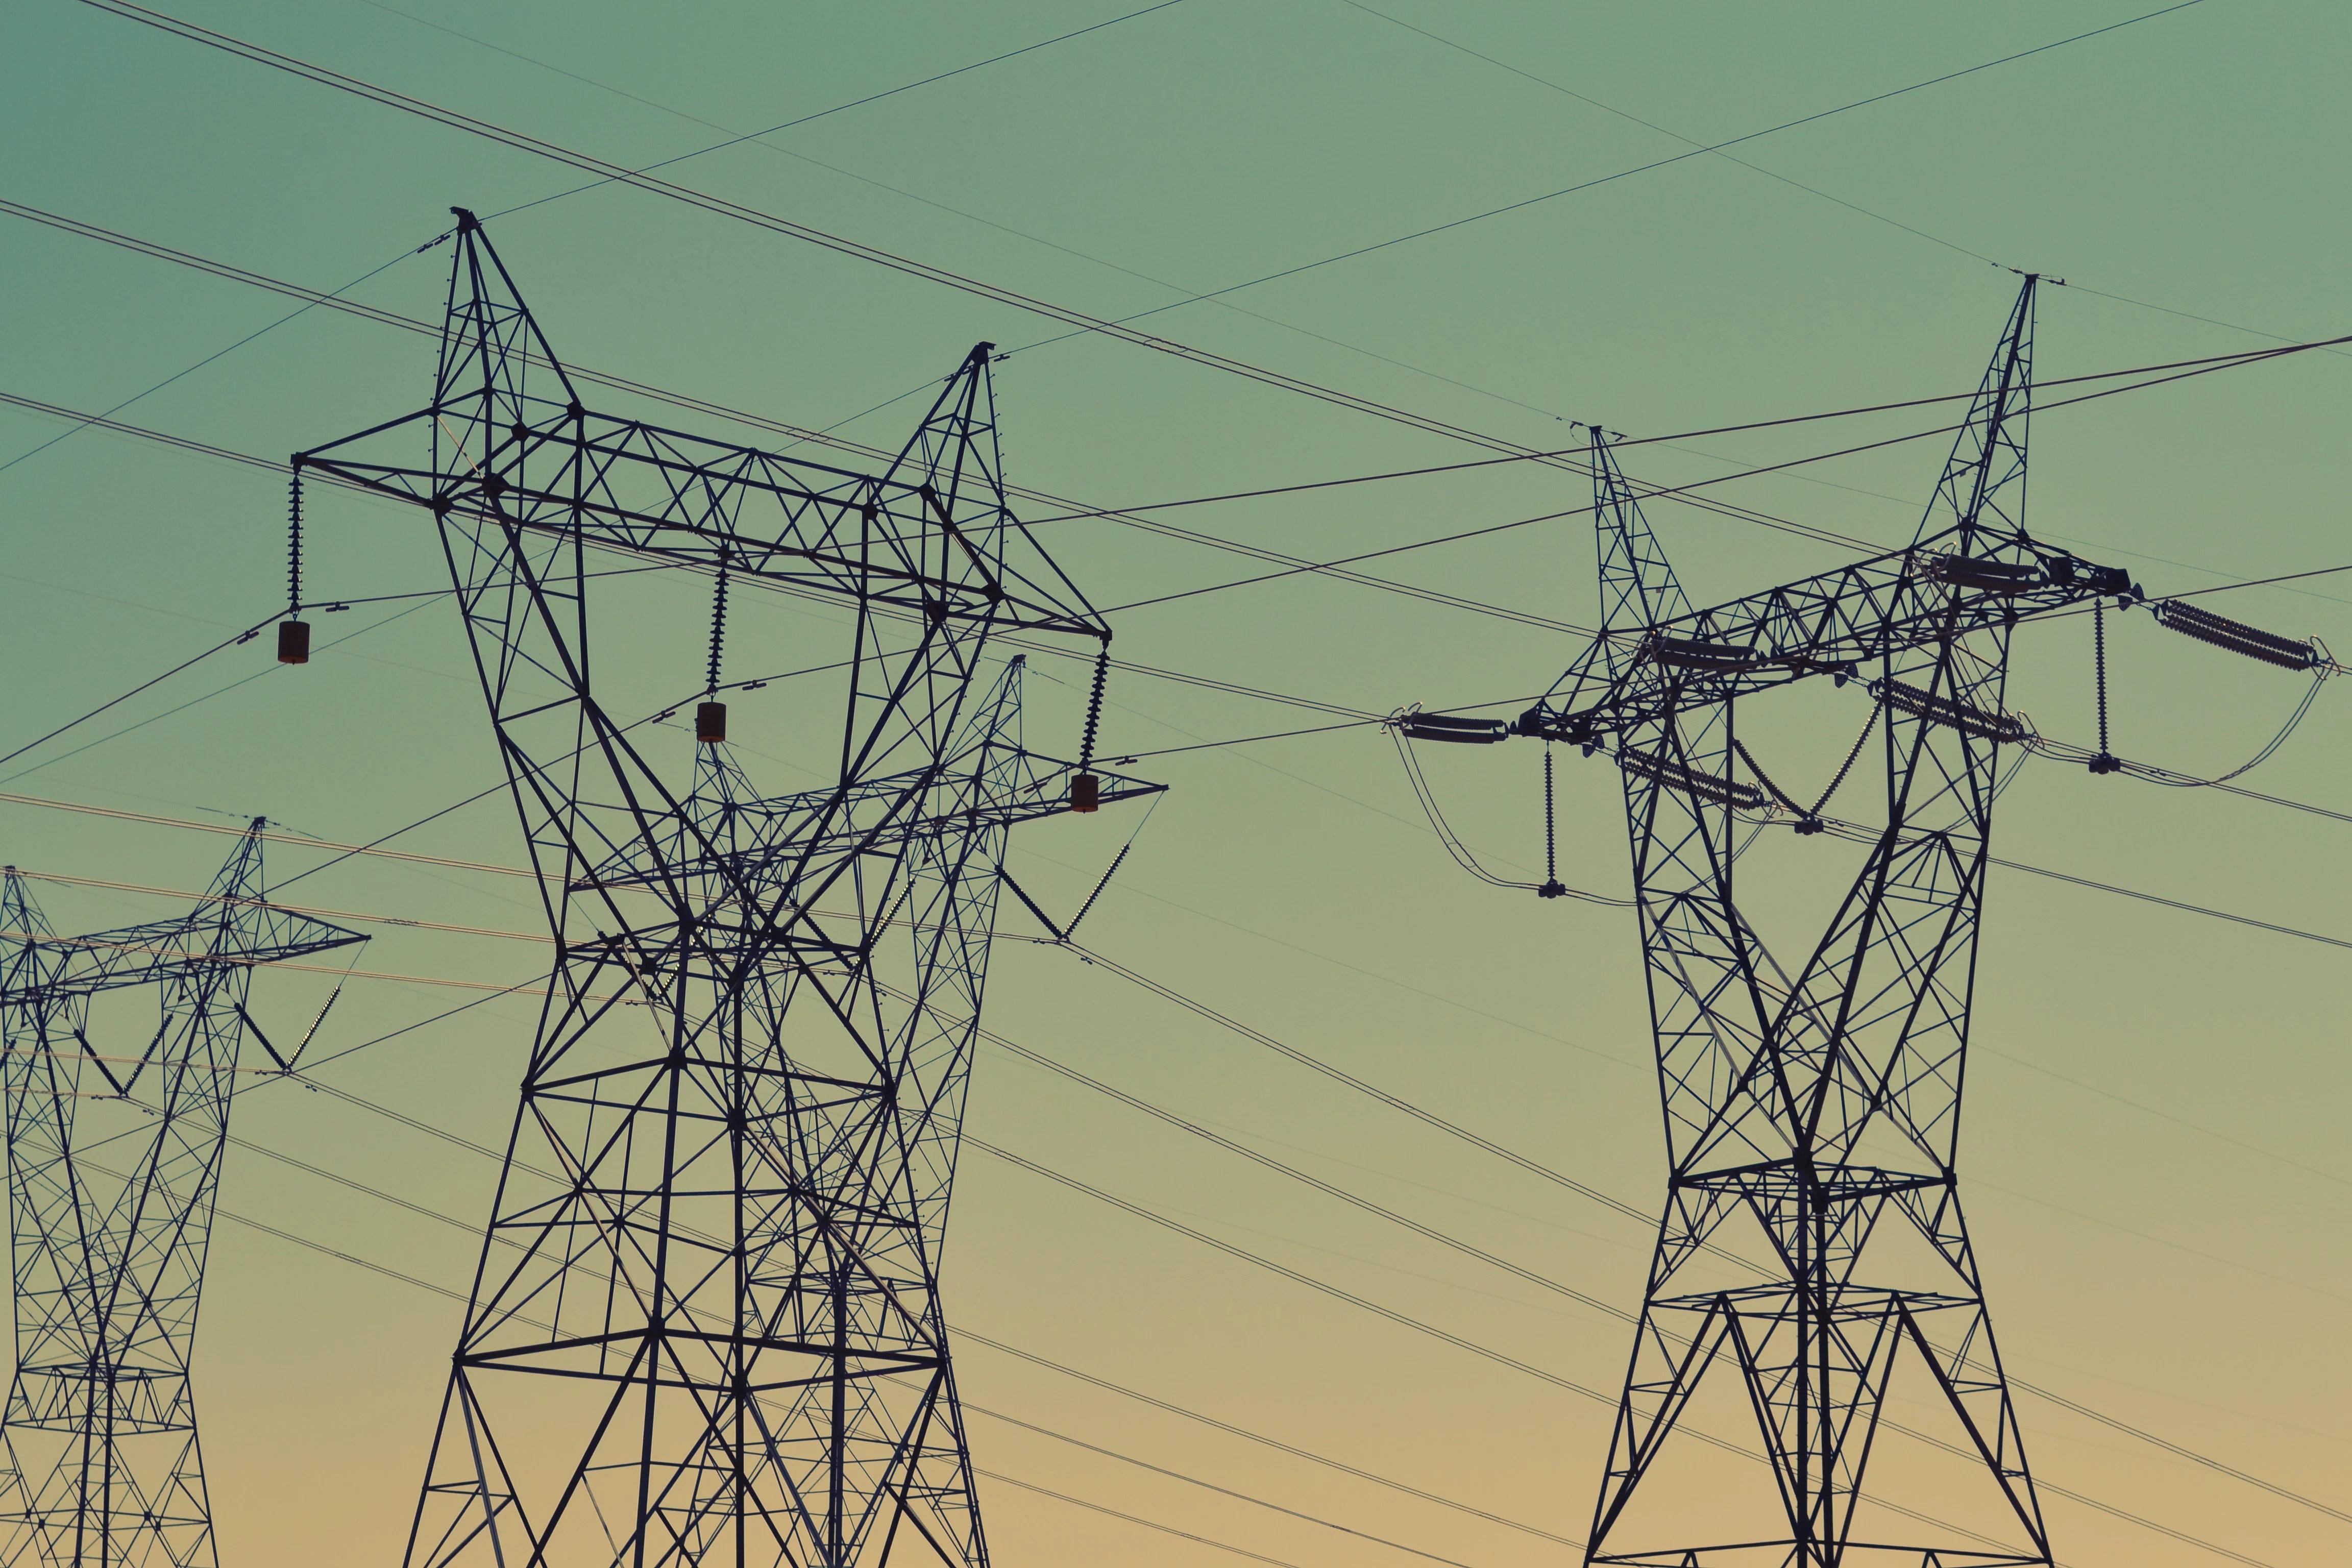 Dernier jour pour économiser 20 % sur le prix du kWh d'électricité avec Mega Energie